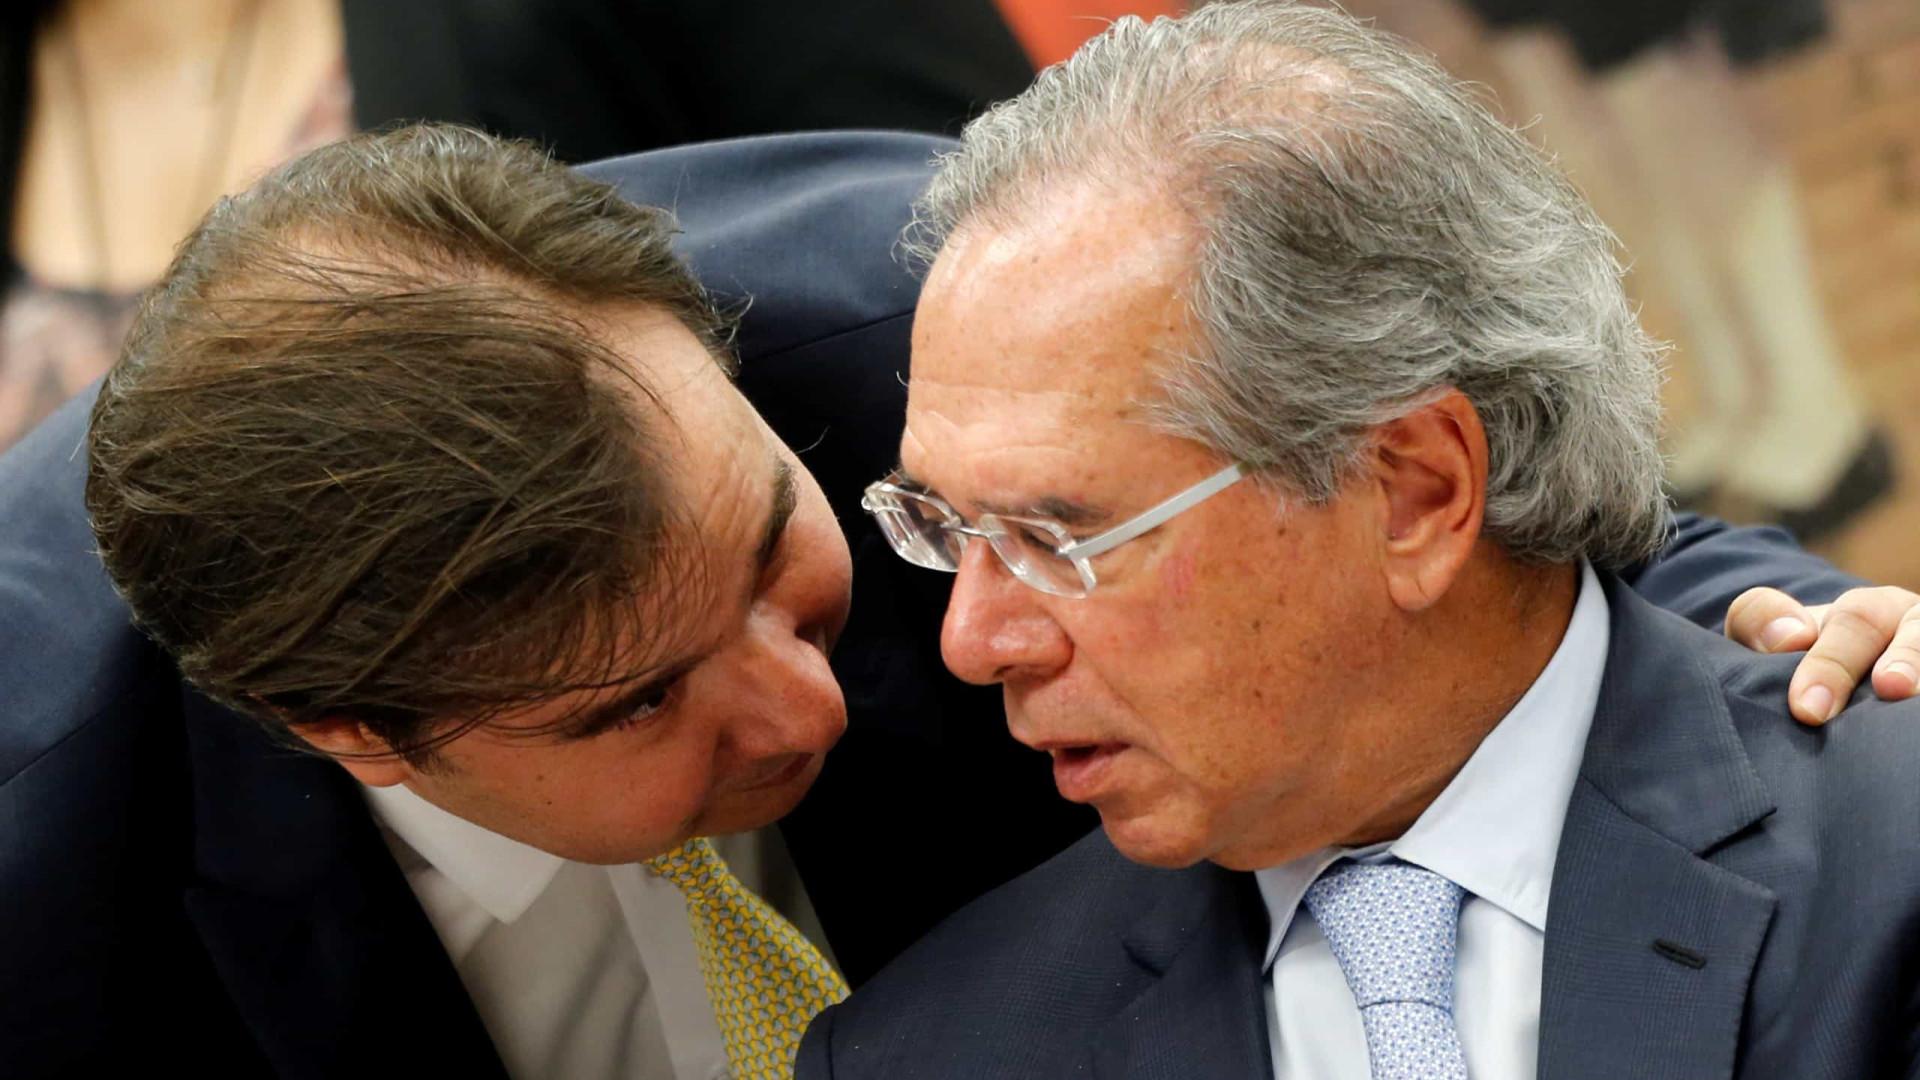 Após embate entre Guedes e Maia, Bolsonaro minimiza desentendimentos entre Executivo e Legislativo